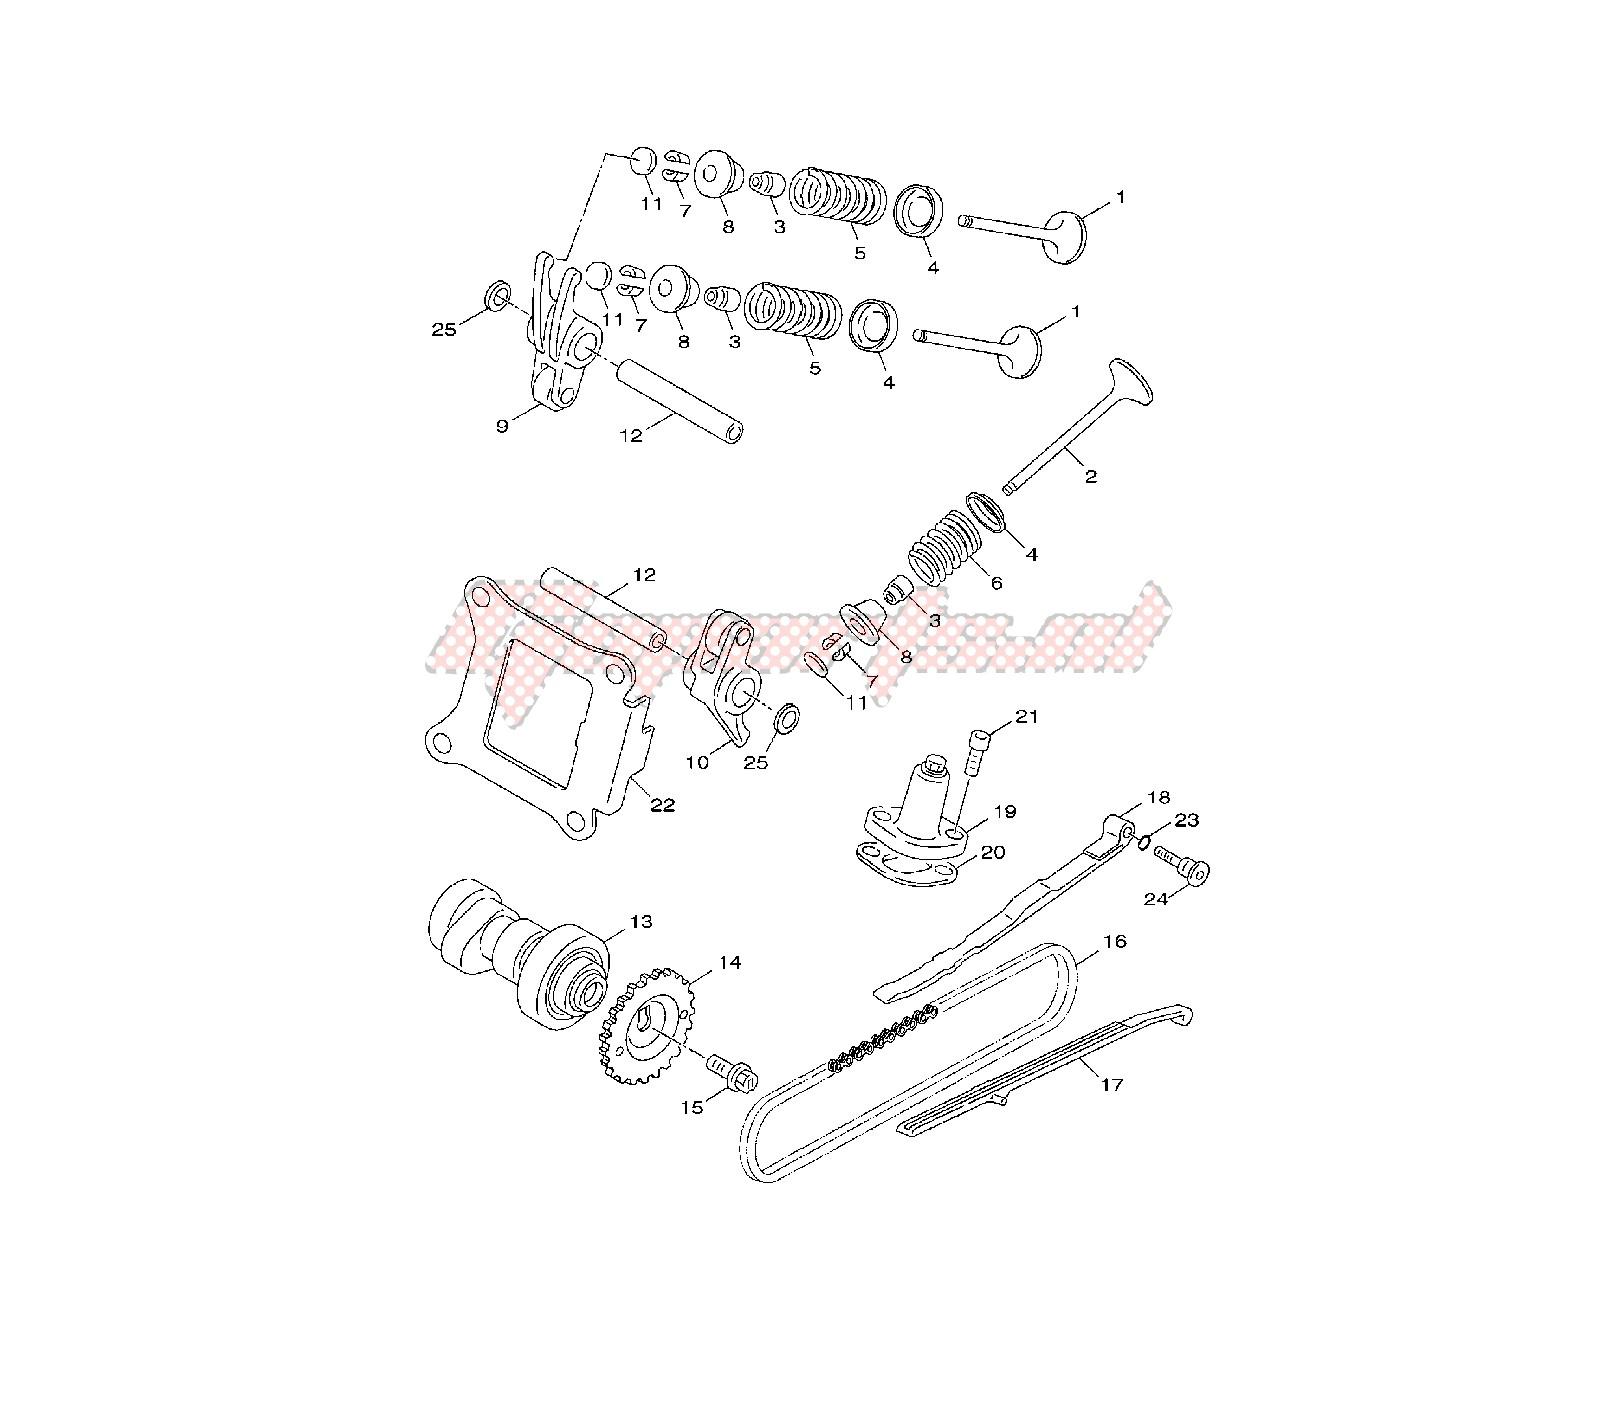 kymco engine valve diagram wiring library Kymco Maxxer 450I Engine Diagram